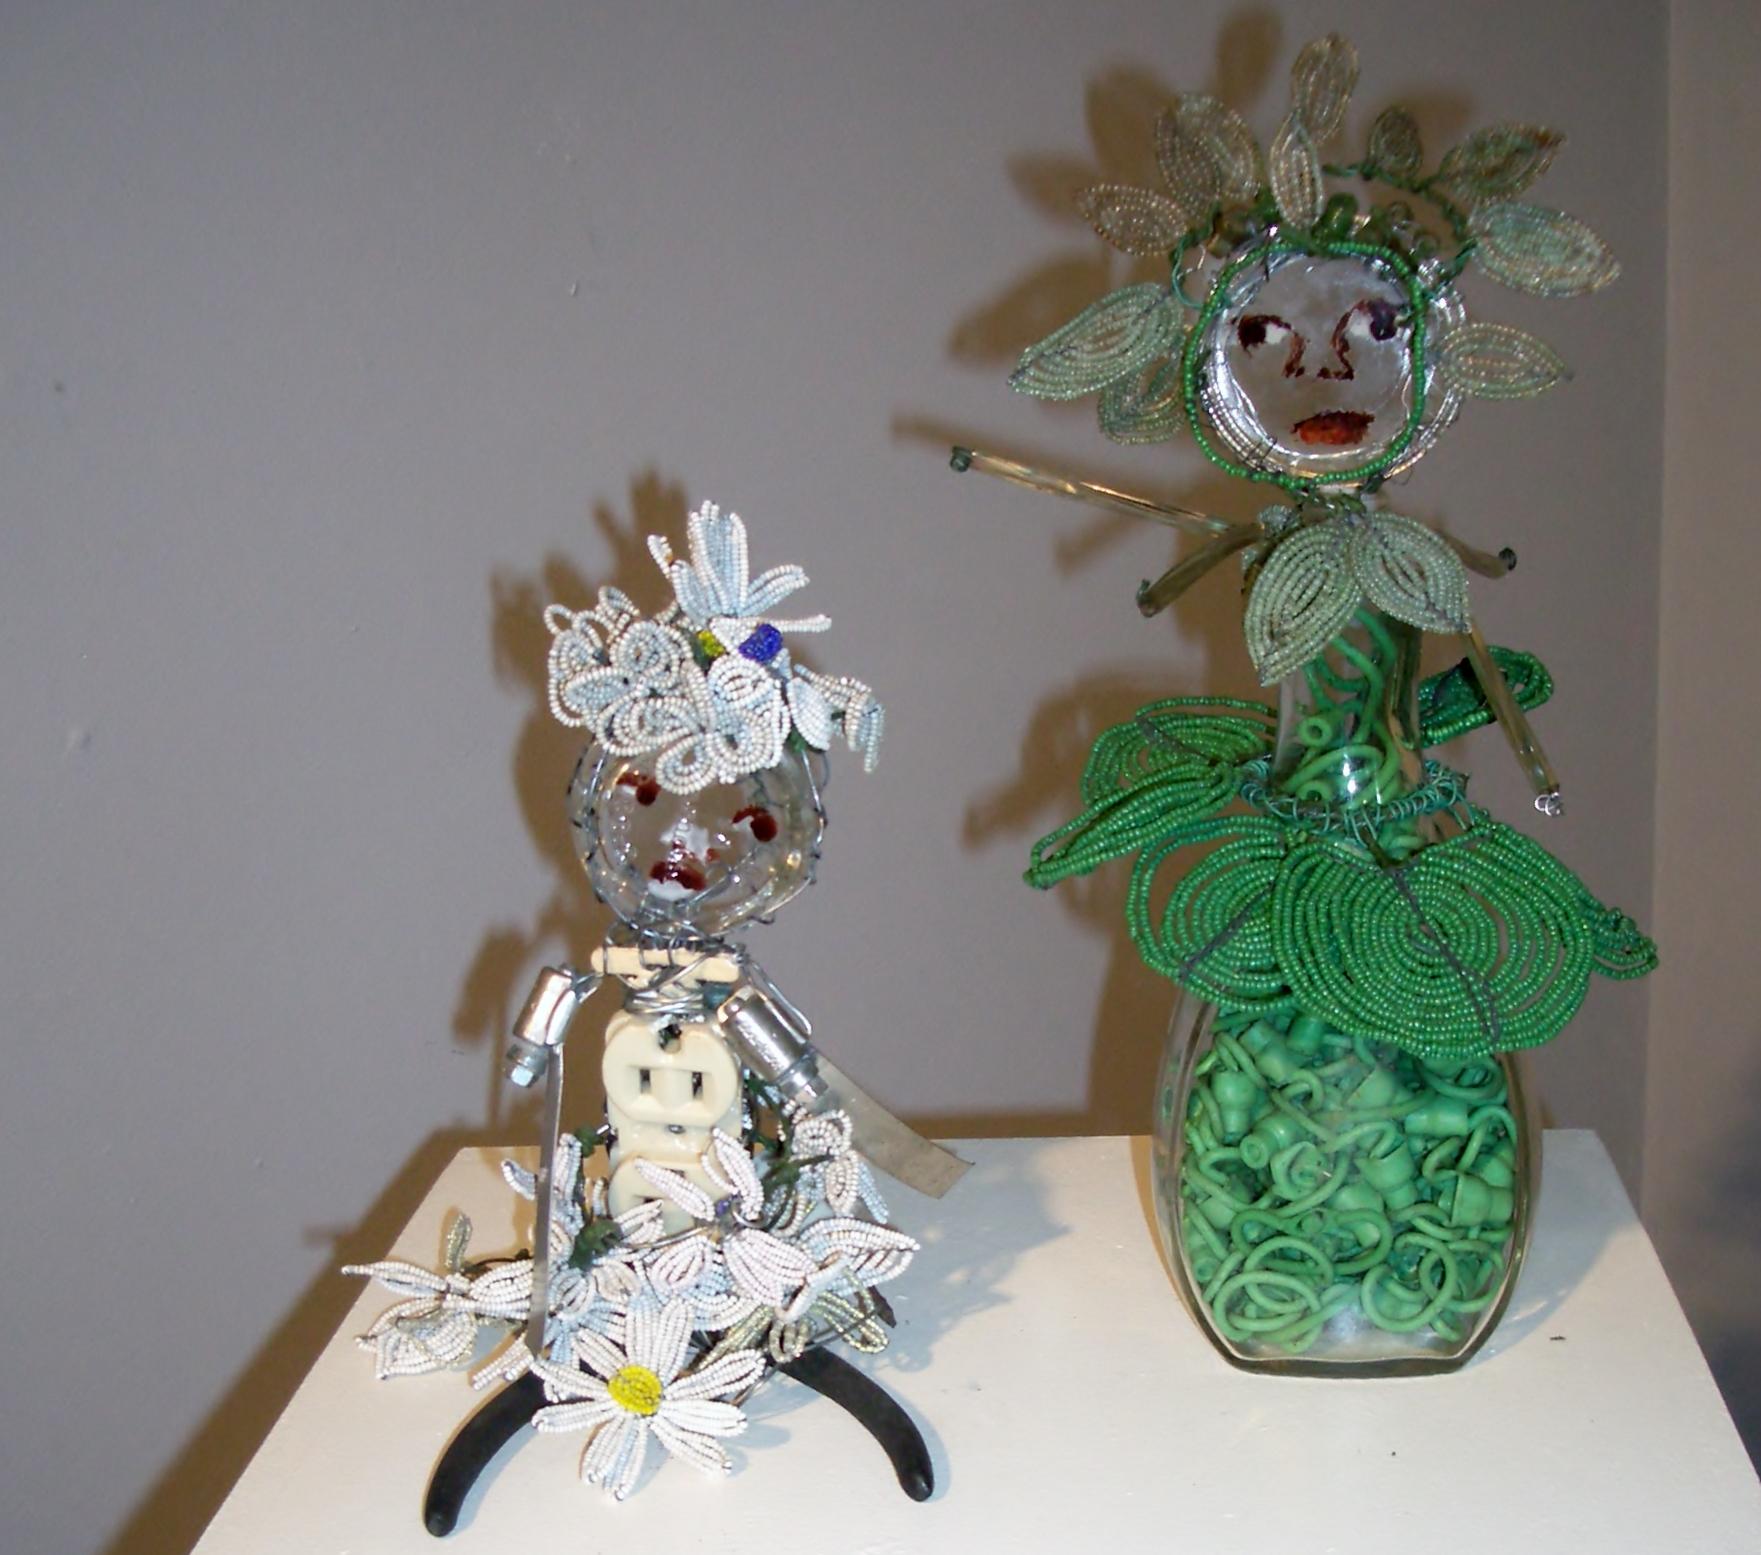 Beaded Flower Child 1 and 2 Francine Seders Gallery Marita Dingus art opening  IMGP9709